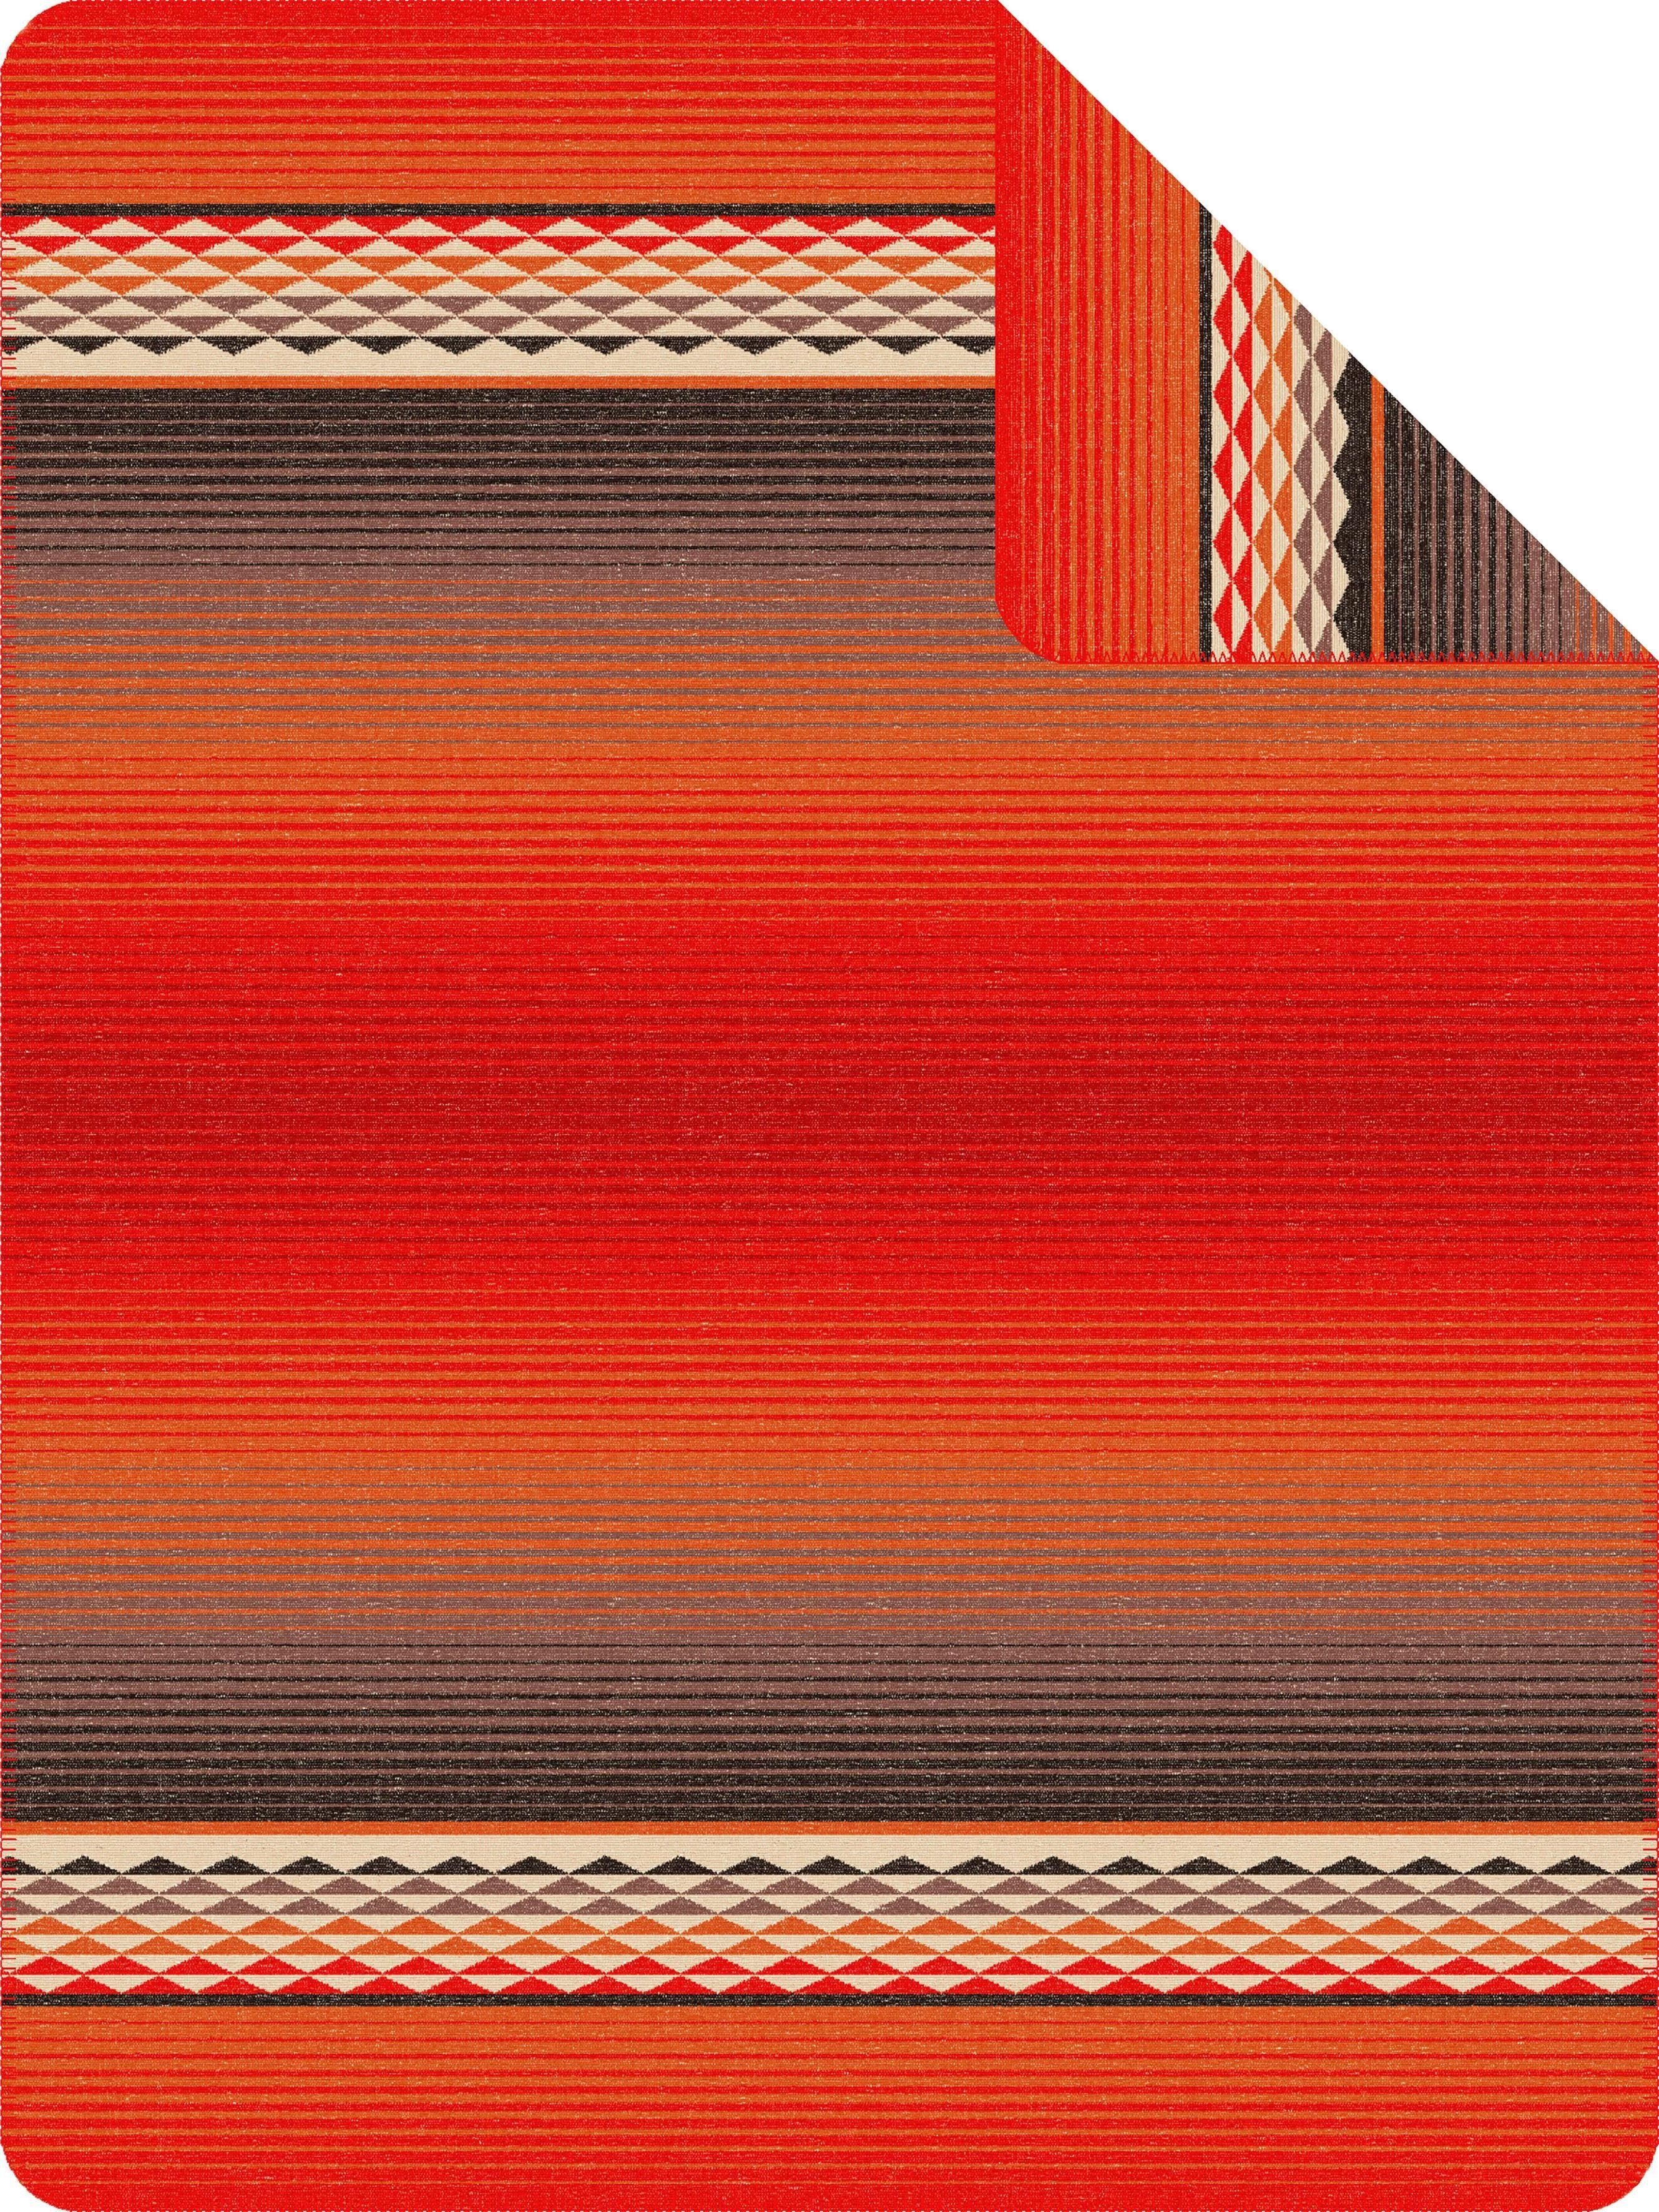 Wohndecke »Bunbury«, IBENA, mit Streifen und Muster